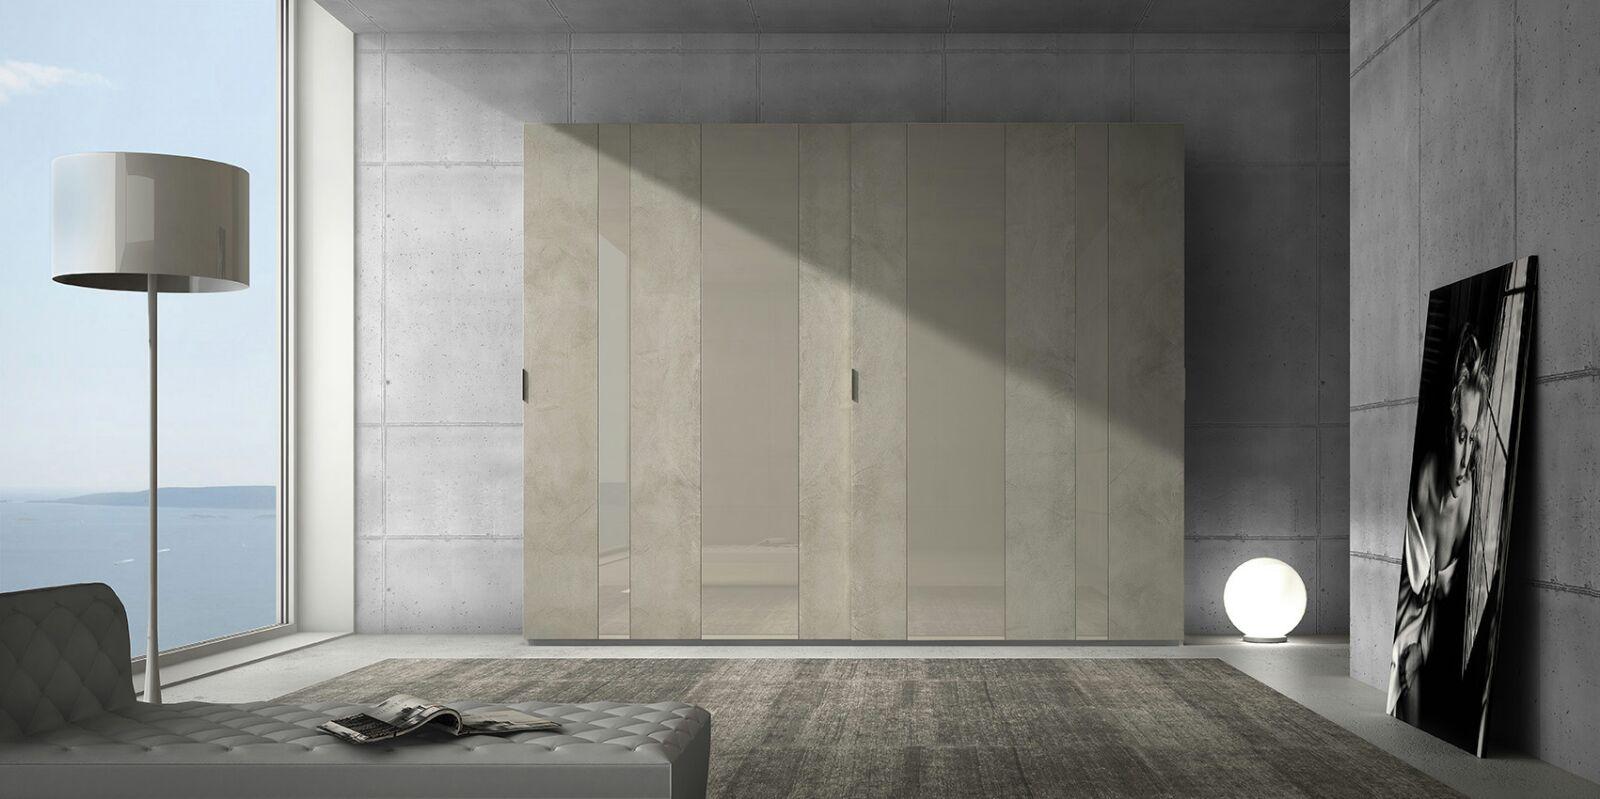 Armadio in vetro cemento - Armadi design moderno ...